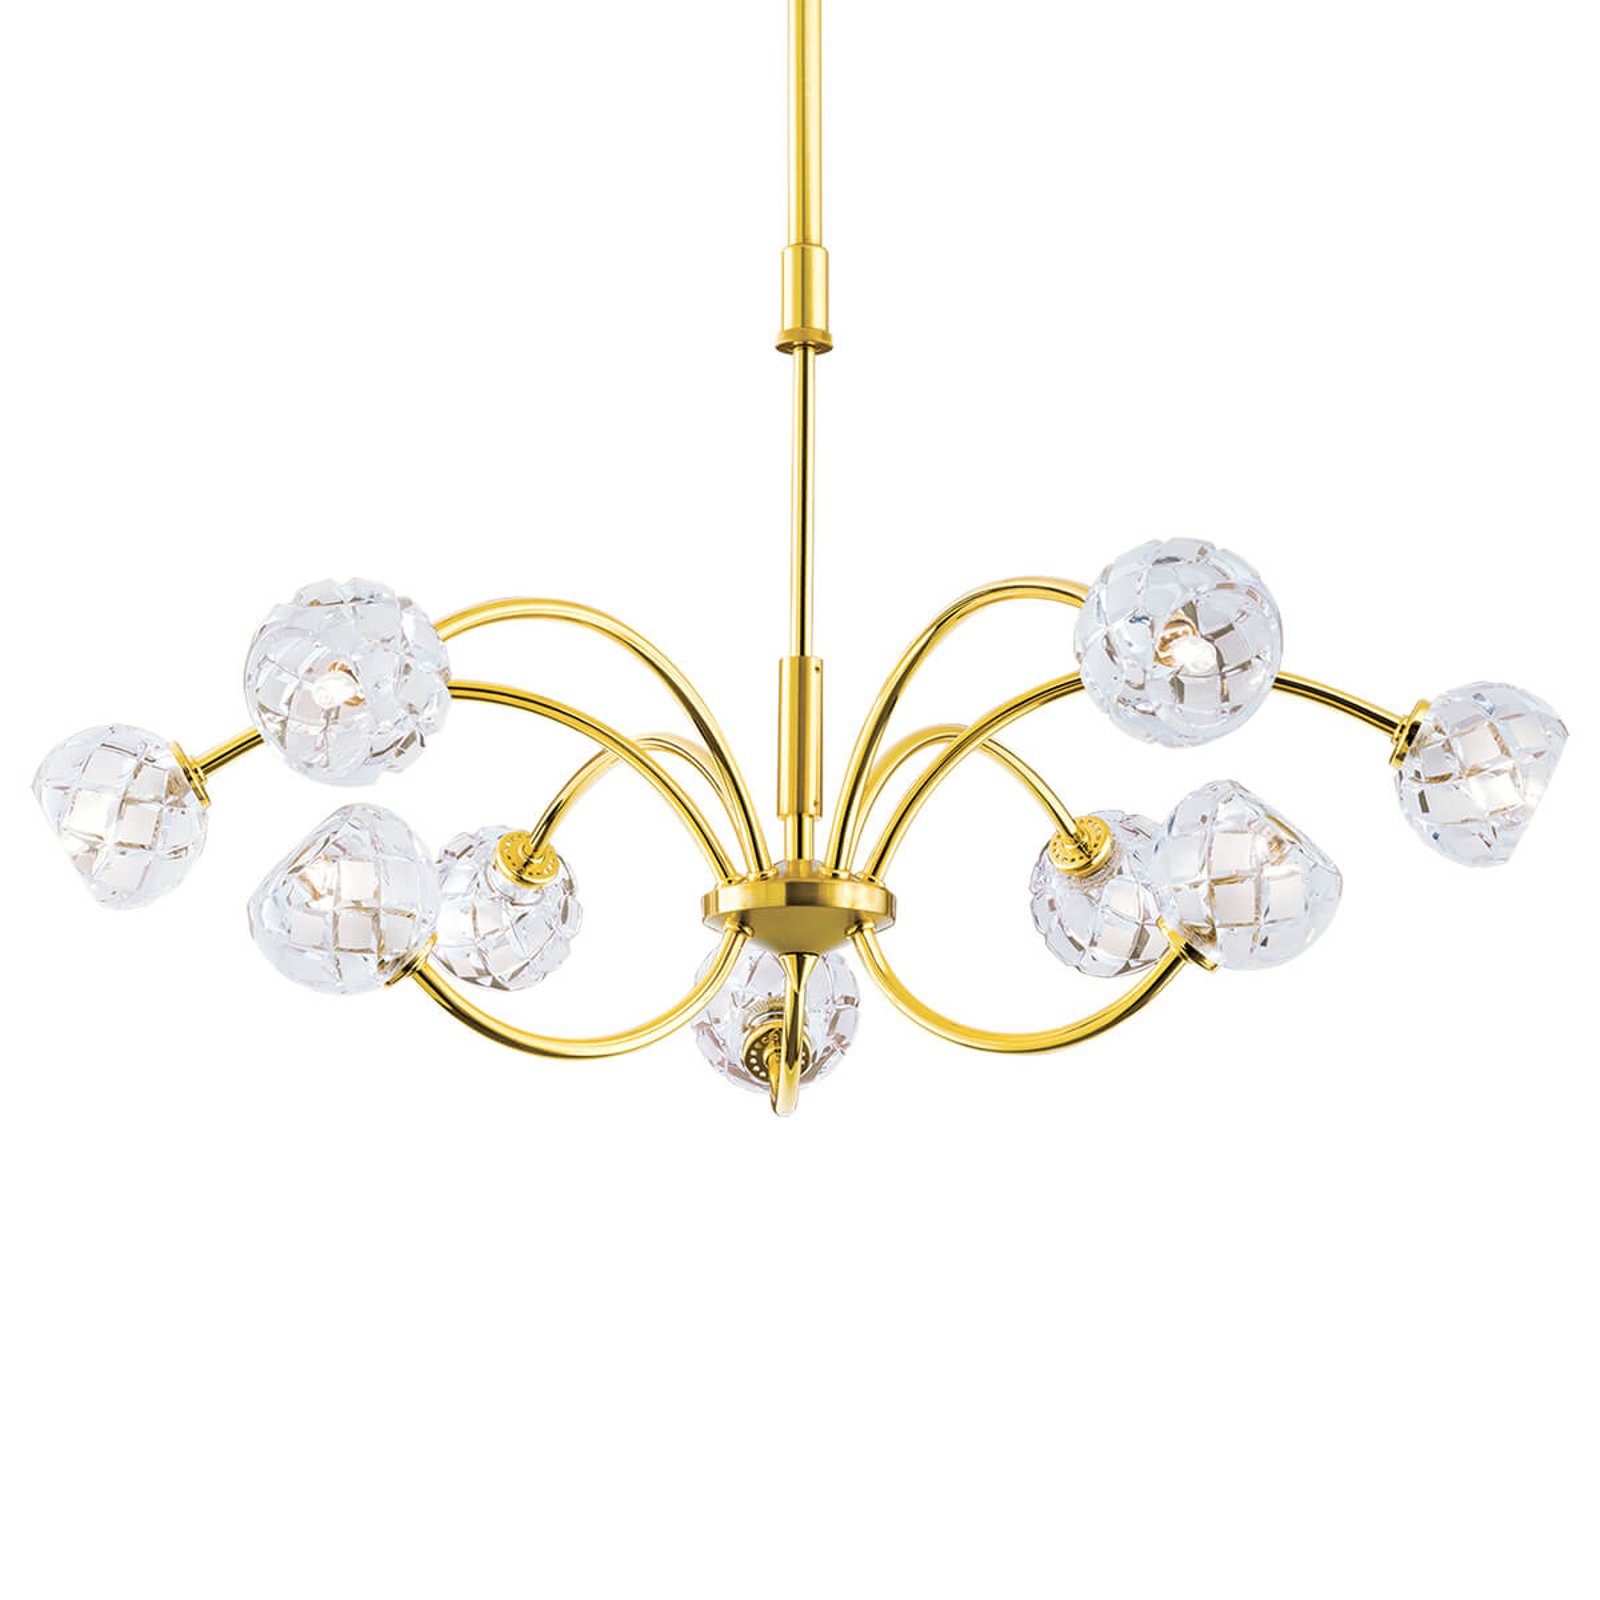 Lampa wisząca z kryształami Maderno, złota, 69cm